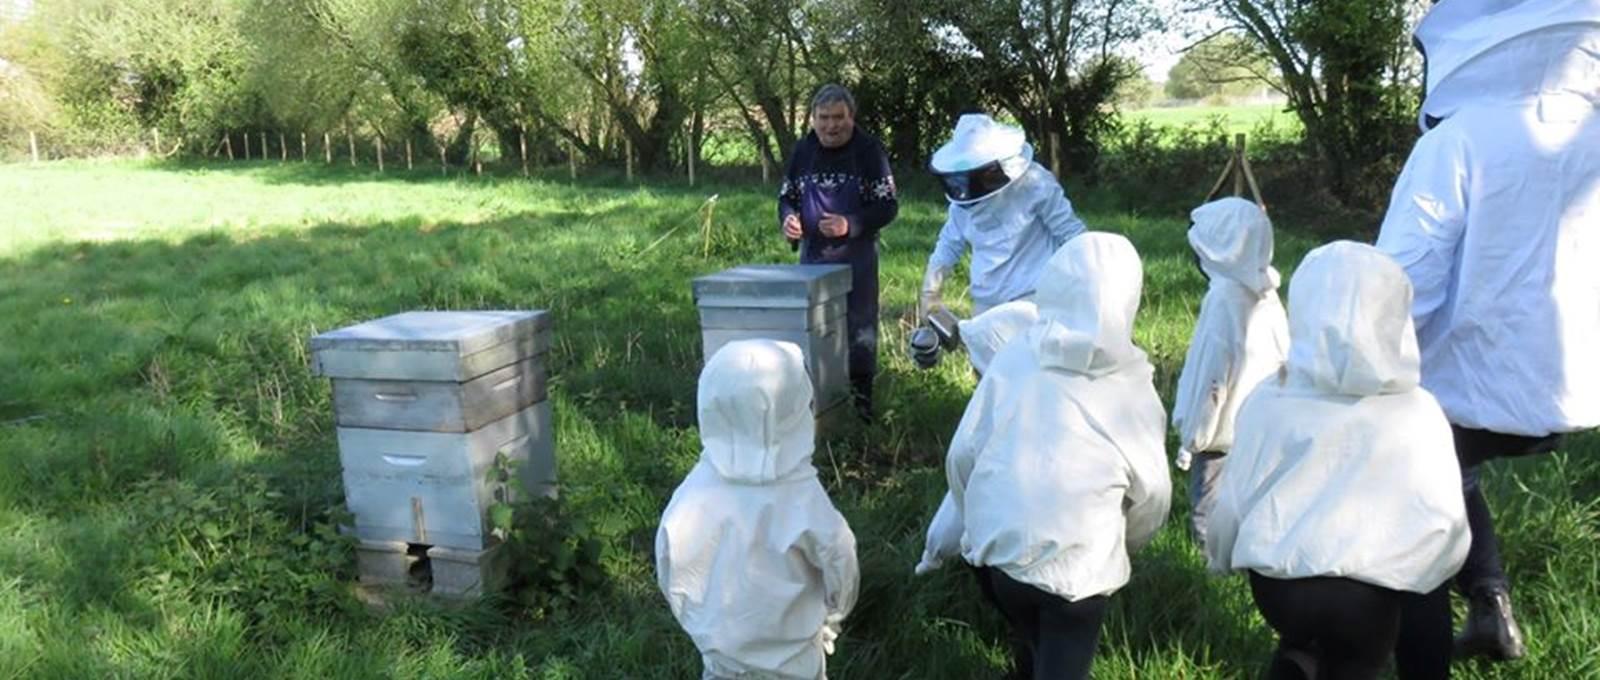 Les enfants découvrent l'apiculture chez notre mascotte préférée